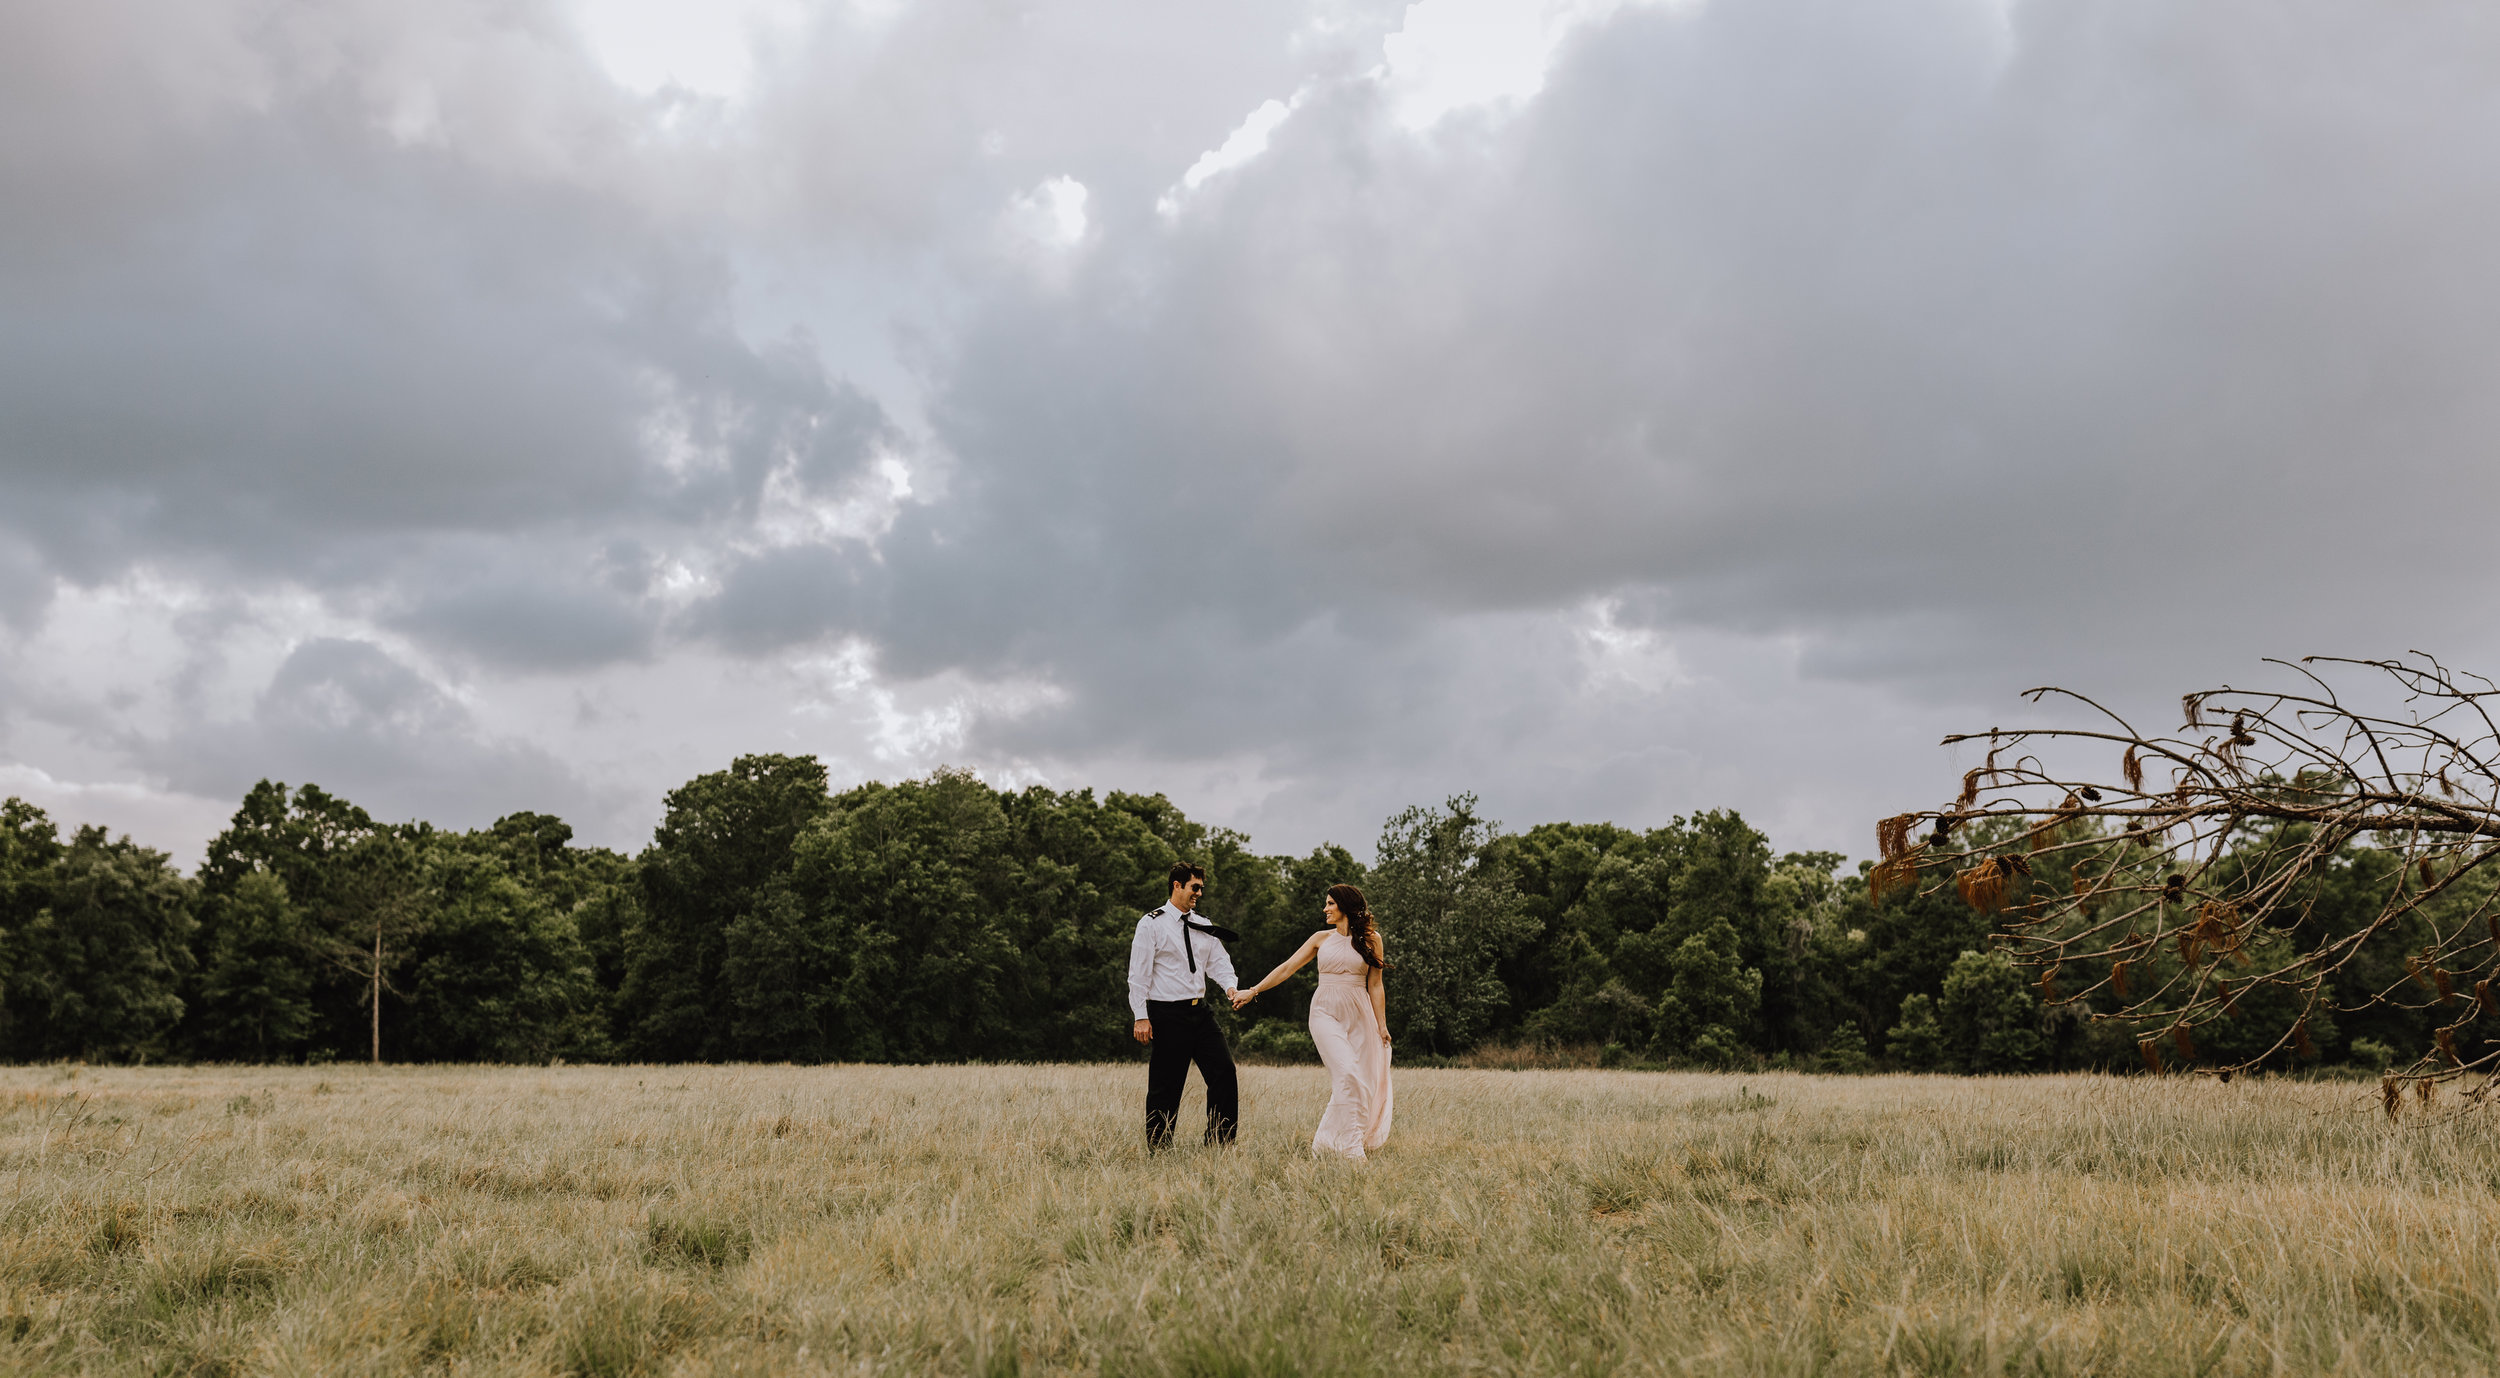 WesleyChapelFlorida-wedding-MelissaandScott-7.jpg